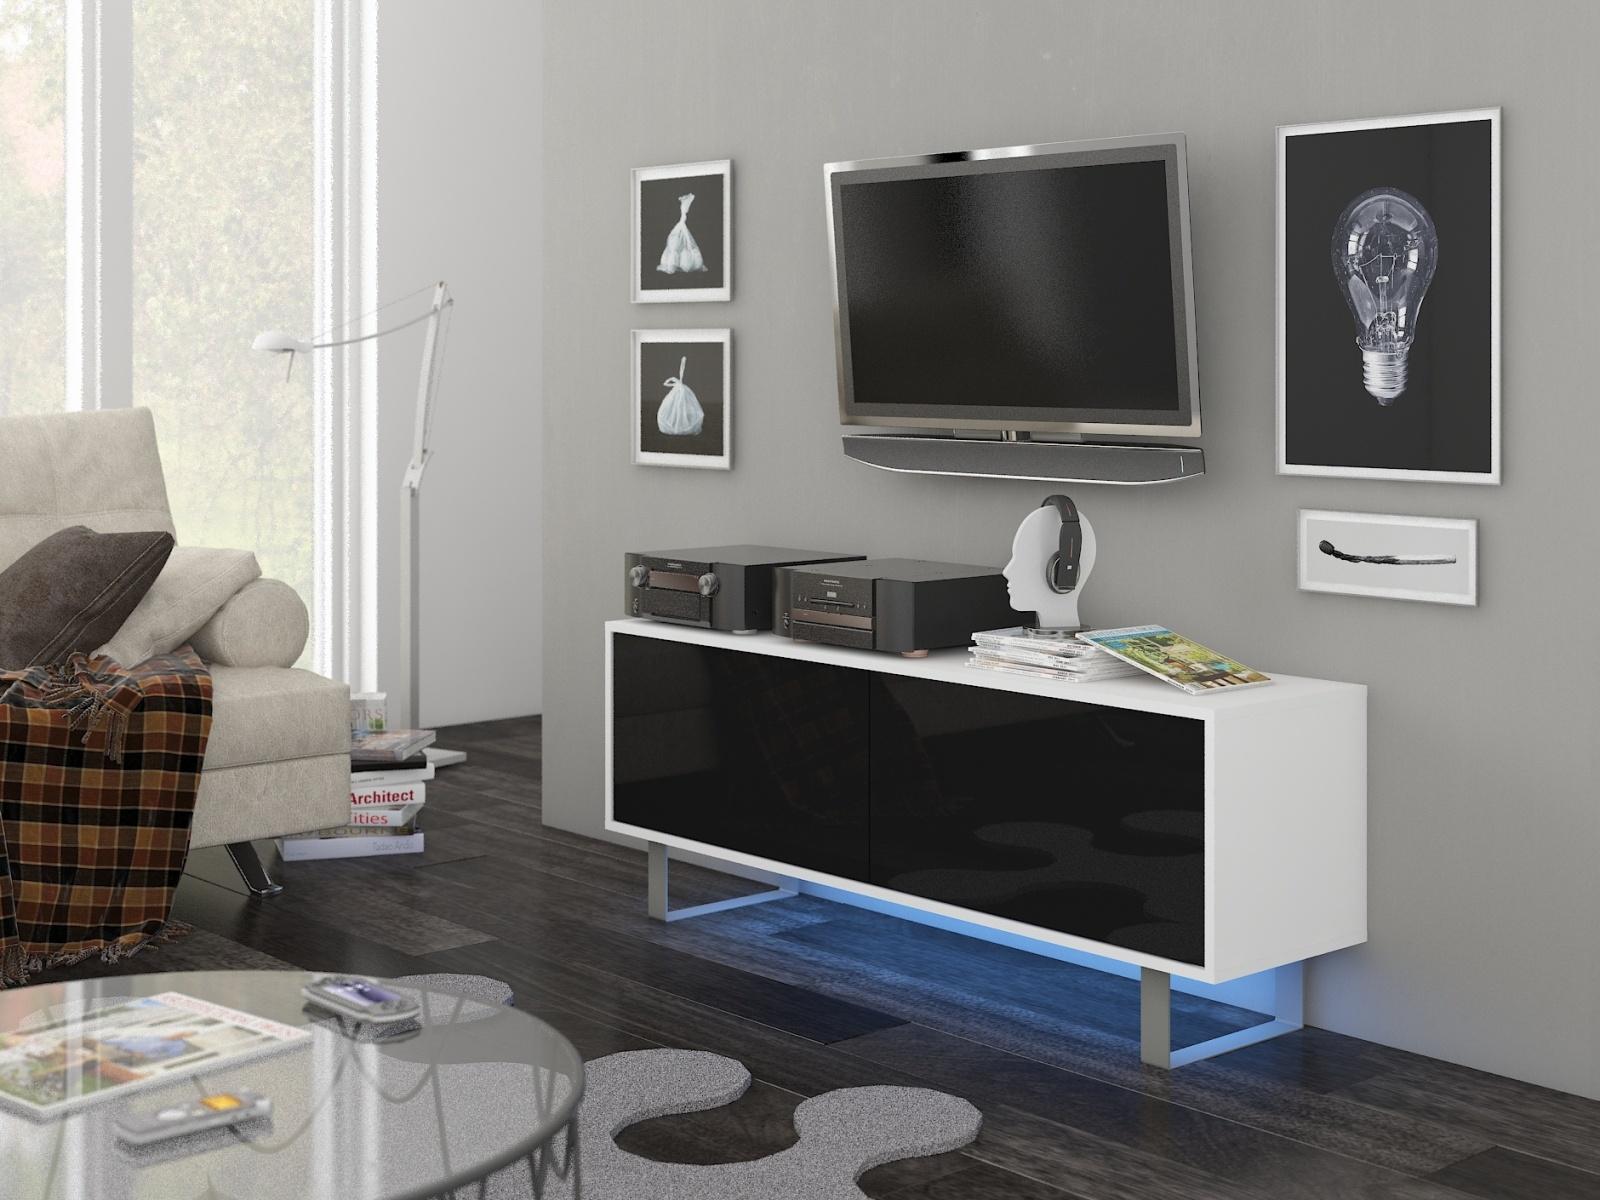 MORAVIA FLAT KING 1 TV stolek, bílá/černý lesk